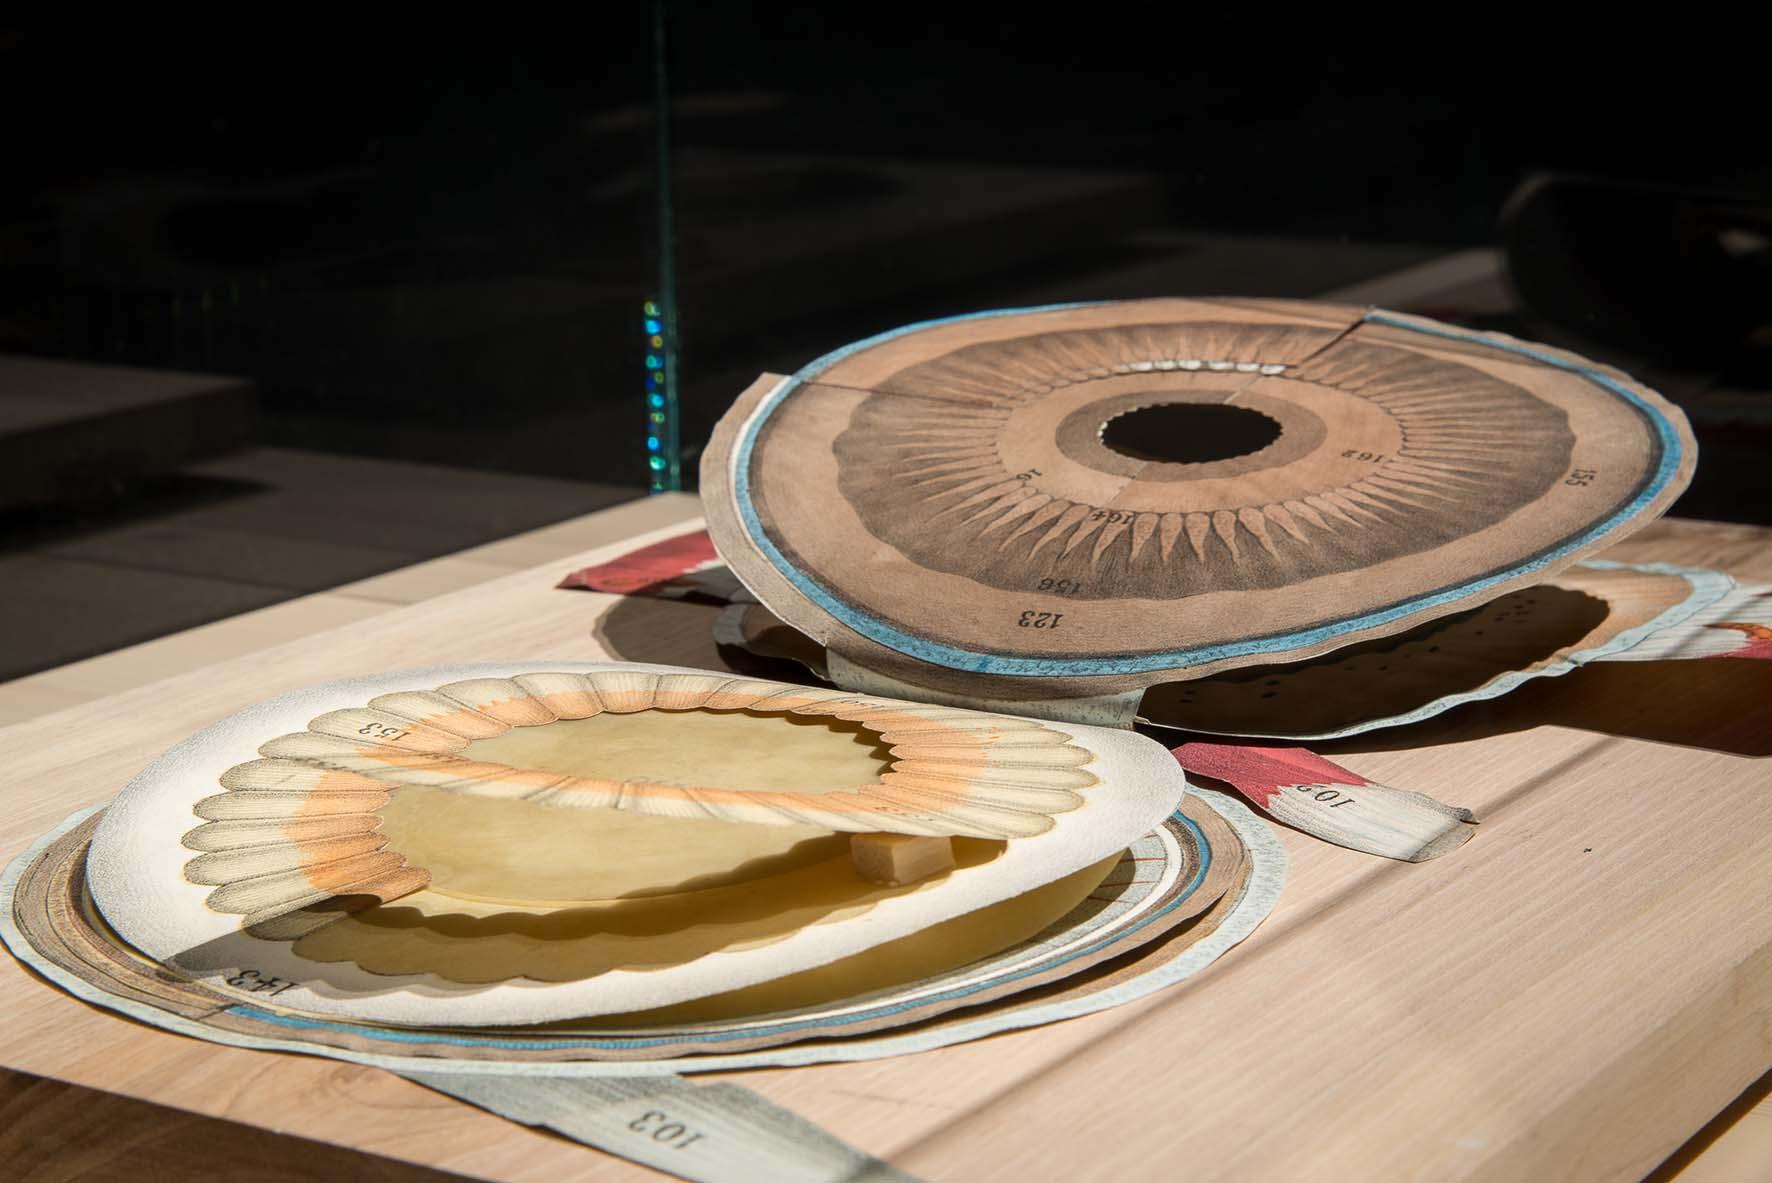 teatro anatomico PD PalazzoBo Witkowsky Atlante a tavole mobili che mostra il meccanismo della visione L occhio 1878 1888 Varie carte 098